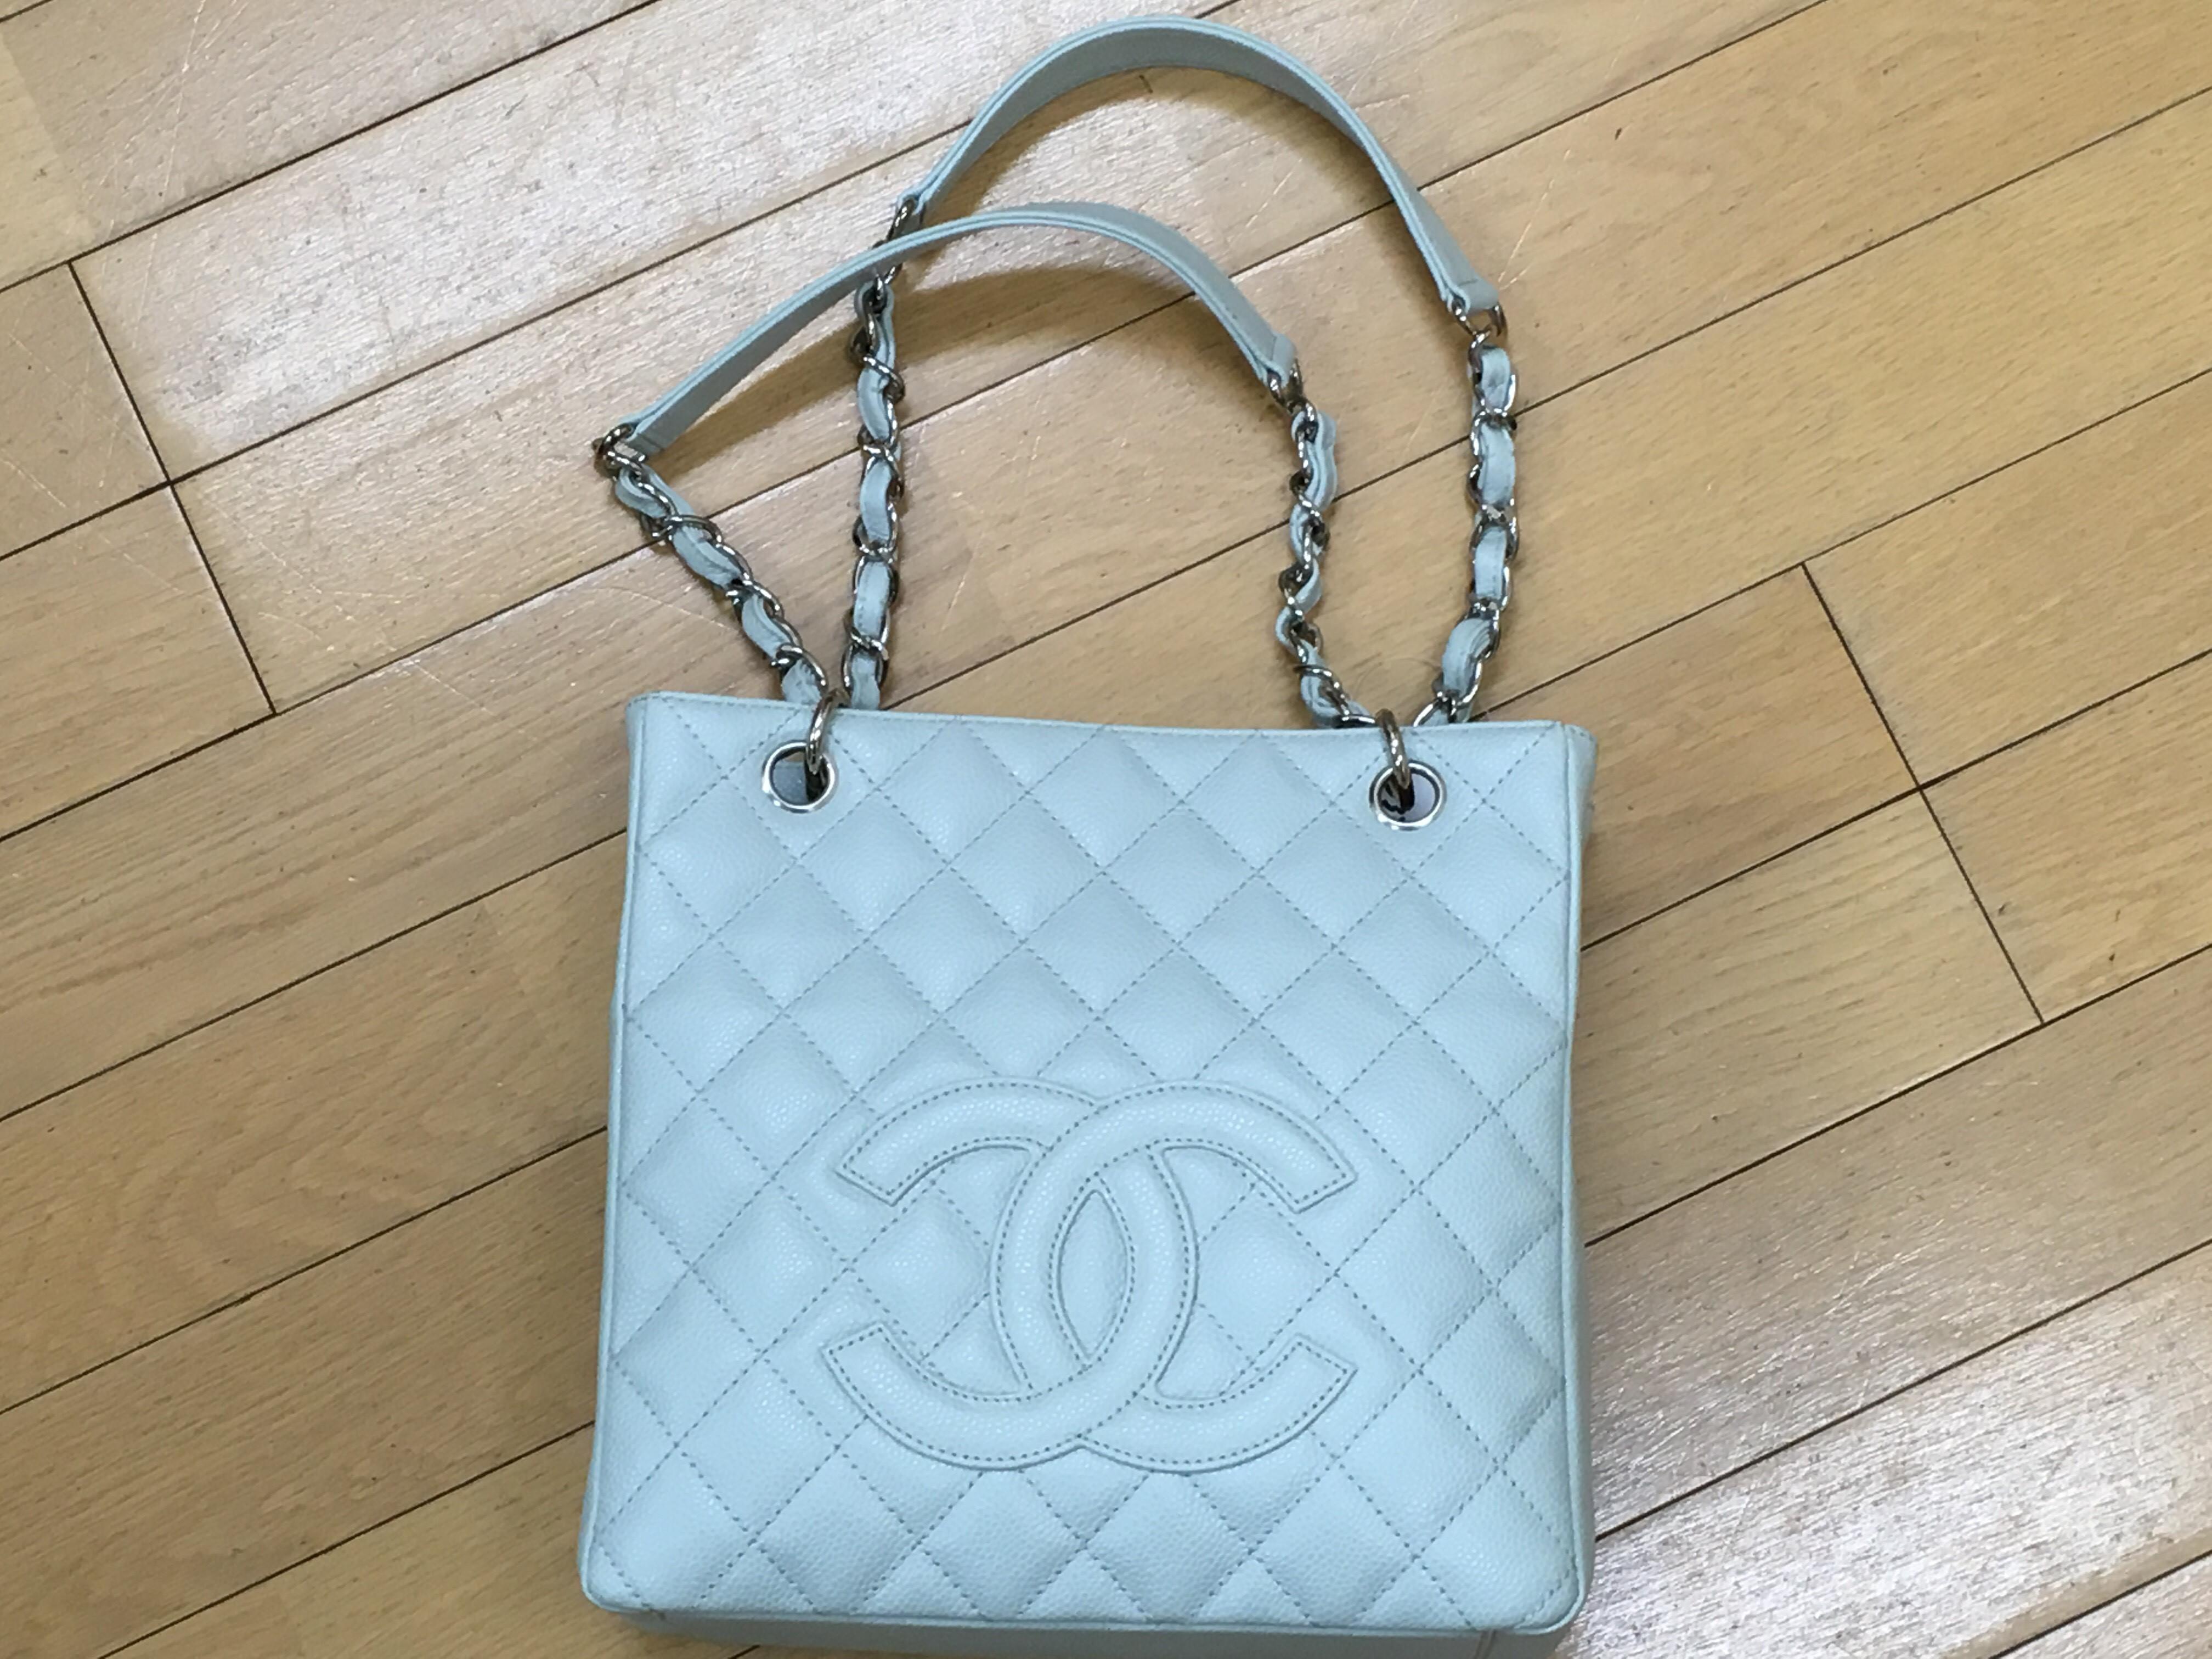 2bbc8f516f95 京都の質屋丸福が買取りました☆シャネルCHANEL チェーンショルダートート バッグ